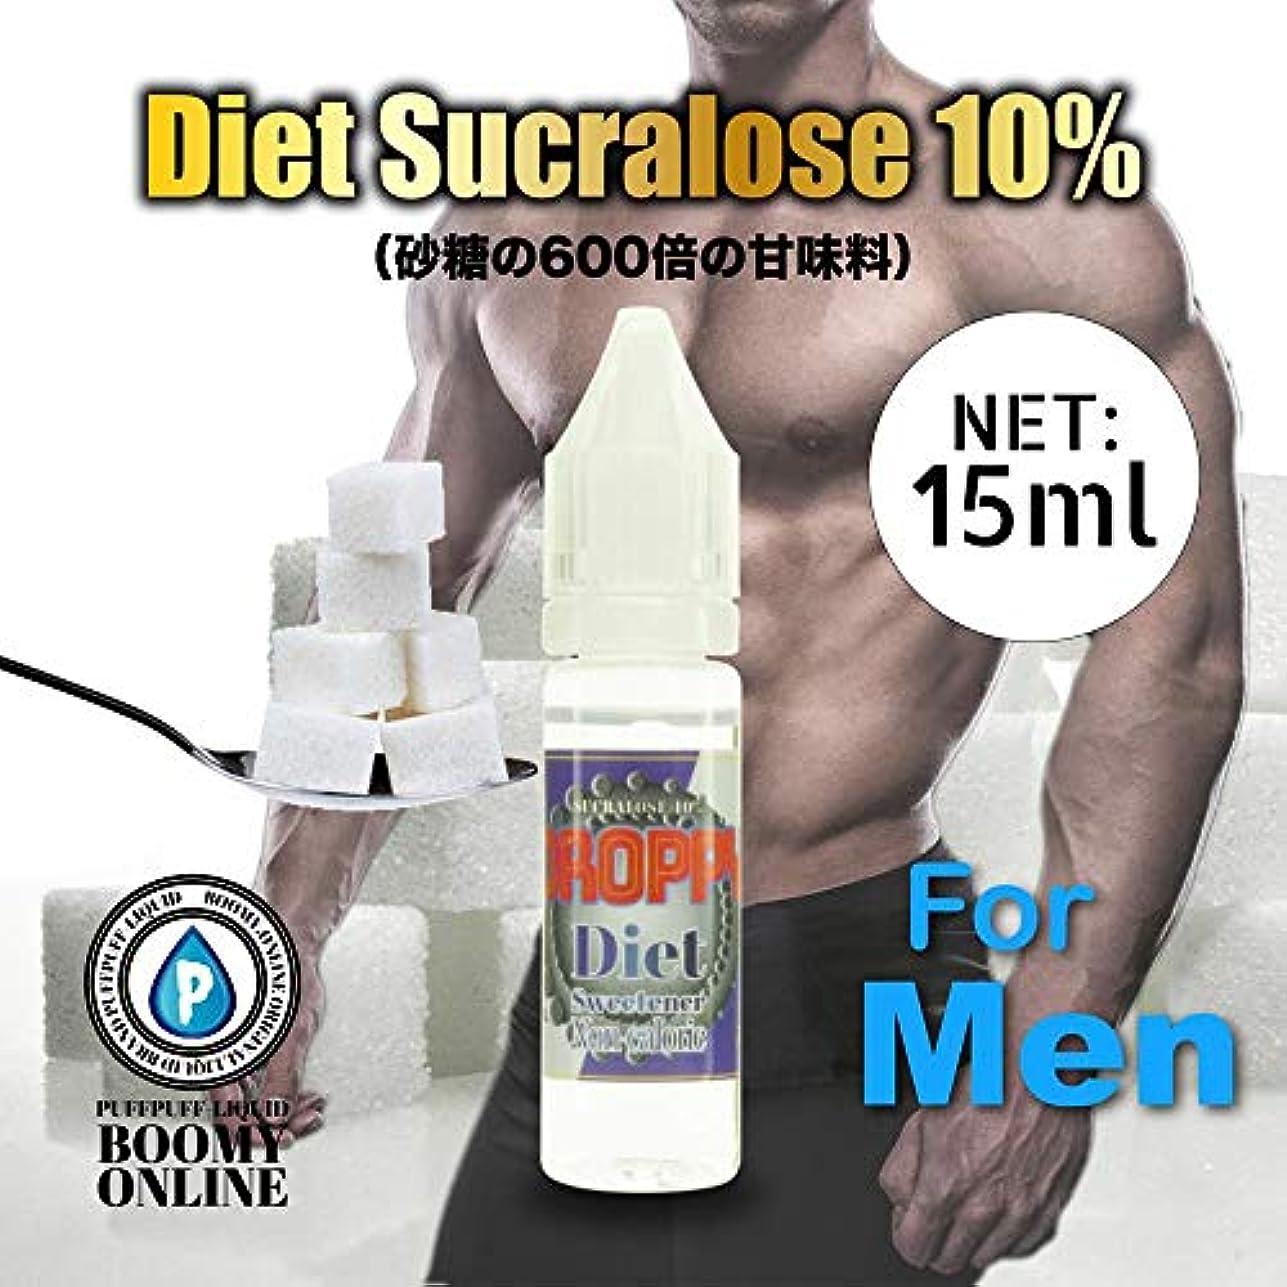 補充プロテスタント二週間【BooMY-Original ダイエット スクラロース】〓PuffPuff-Liquid〓(1滴で砂糖約ティースプーン1杯の甘さ) DROPPY-0cal Diet For Men(ドロッピーダイエットスクラロース10%...